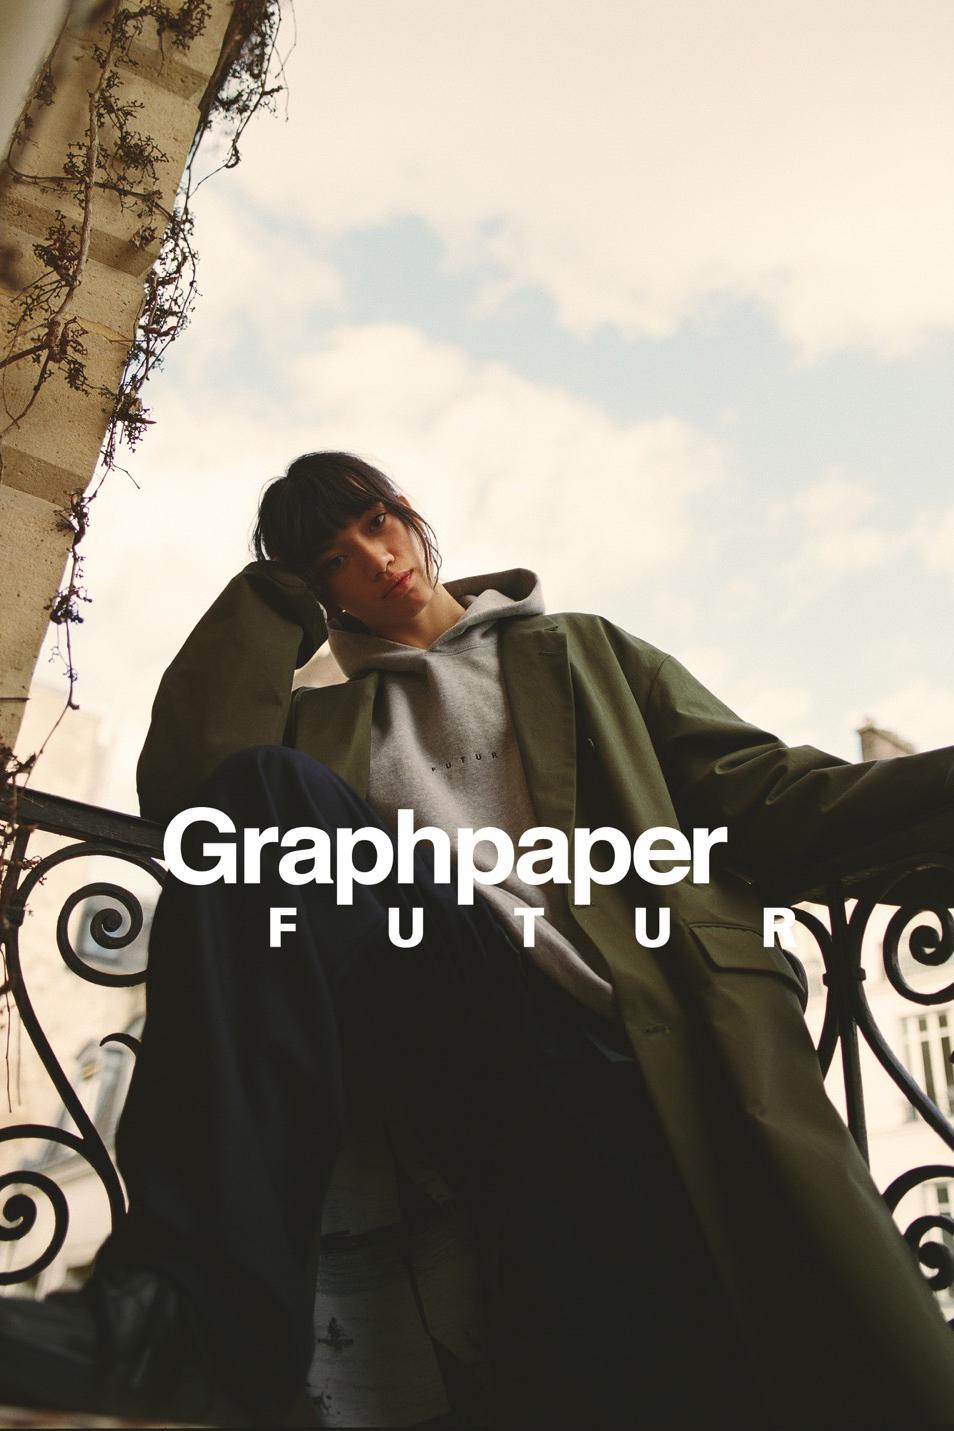 巴黎滑板品牌 FUTUR 携手 Graphpaper 合作推出胶囊系列